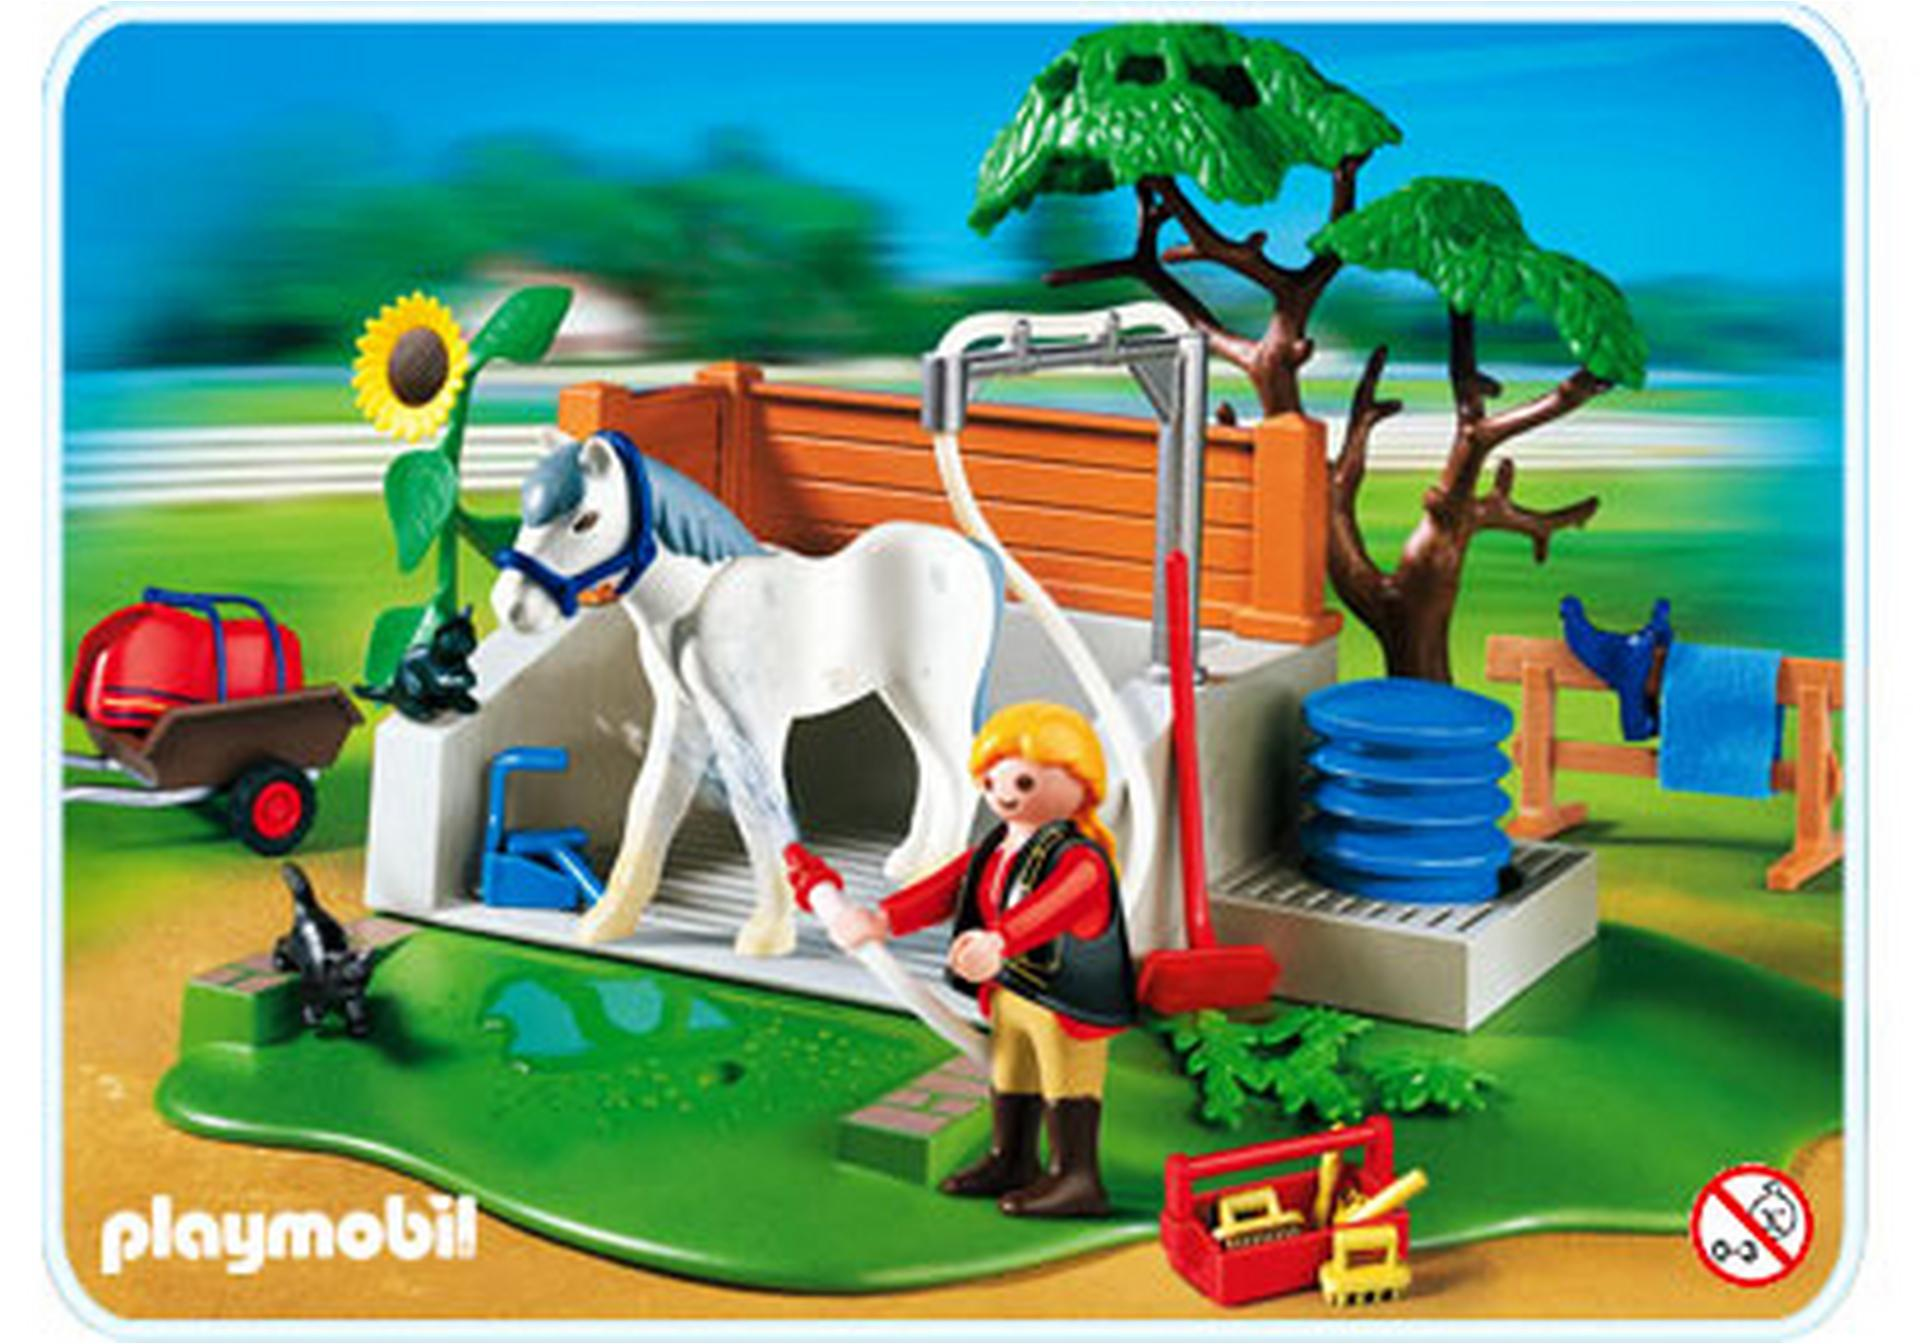 Box de lavage pour chevaux 4193 a playmobil france - Douche pour chevaux playmobil ...